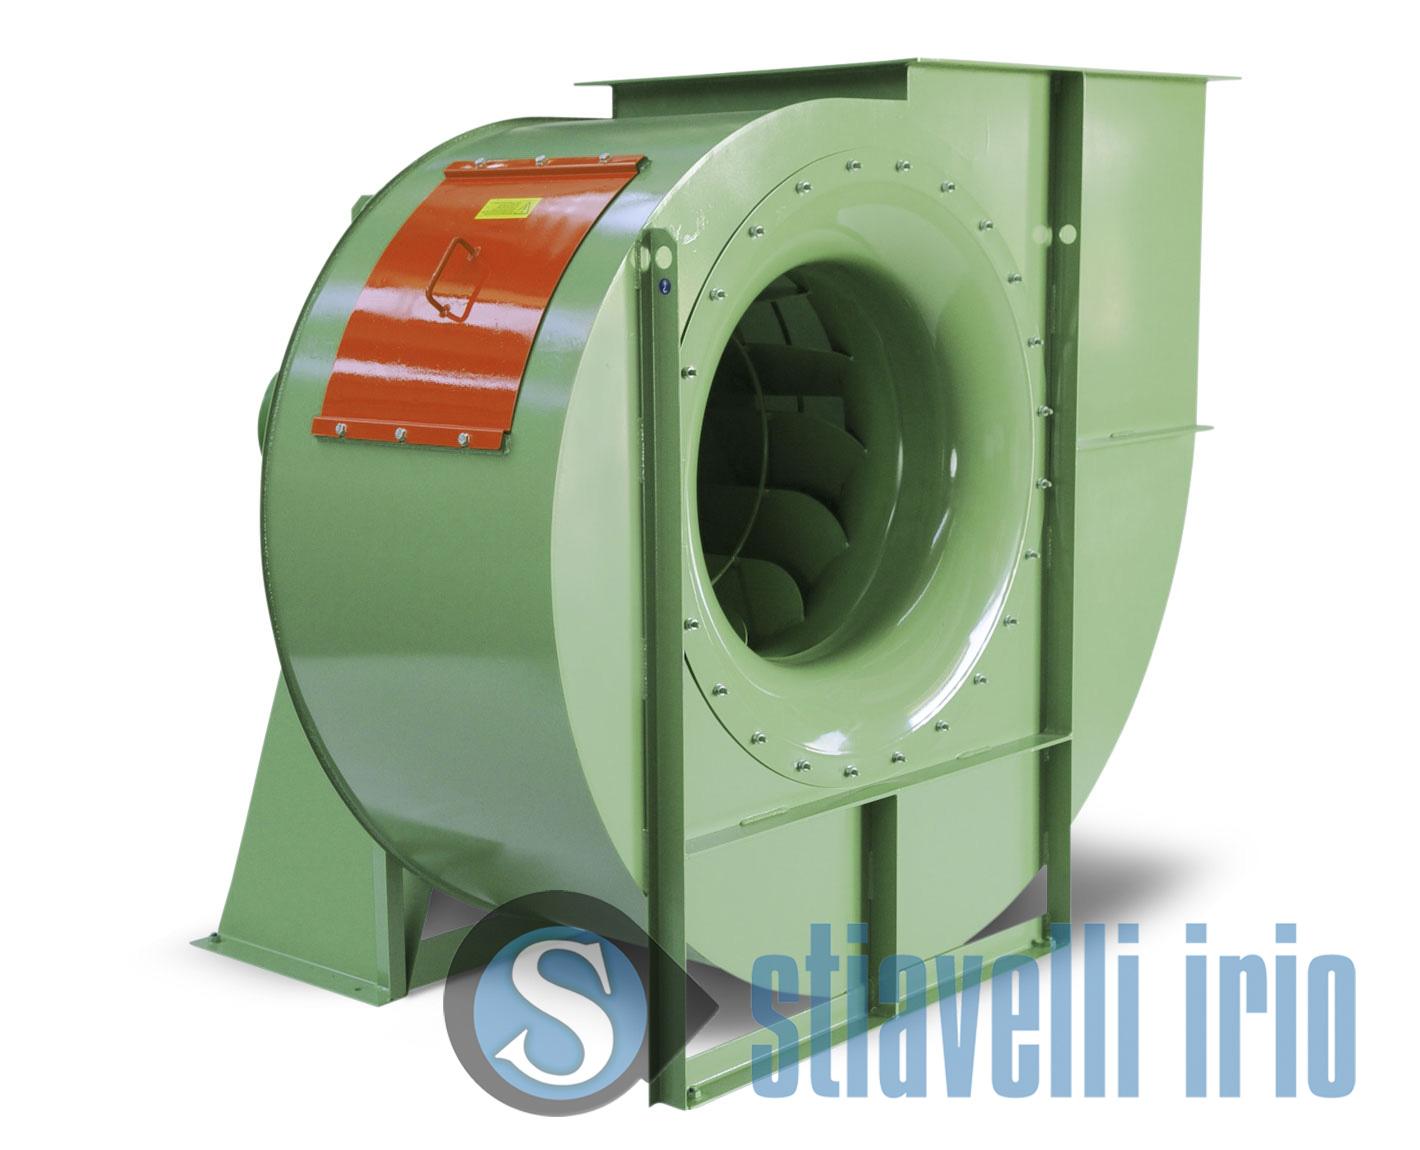 Wall Fans High Volume Low Pressure : Yvr n low pressure high volume fans stiavelli irio srl